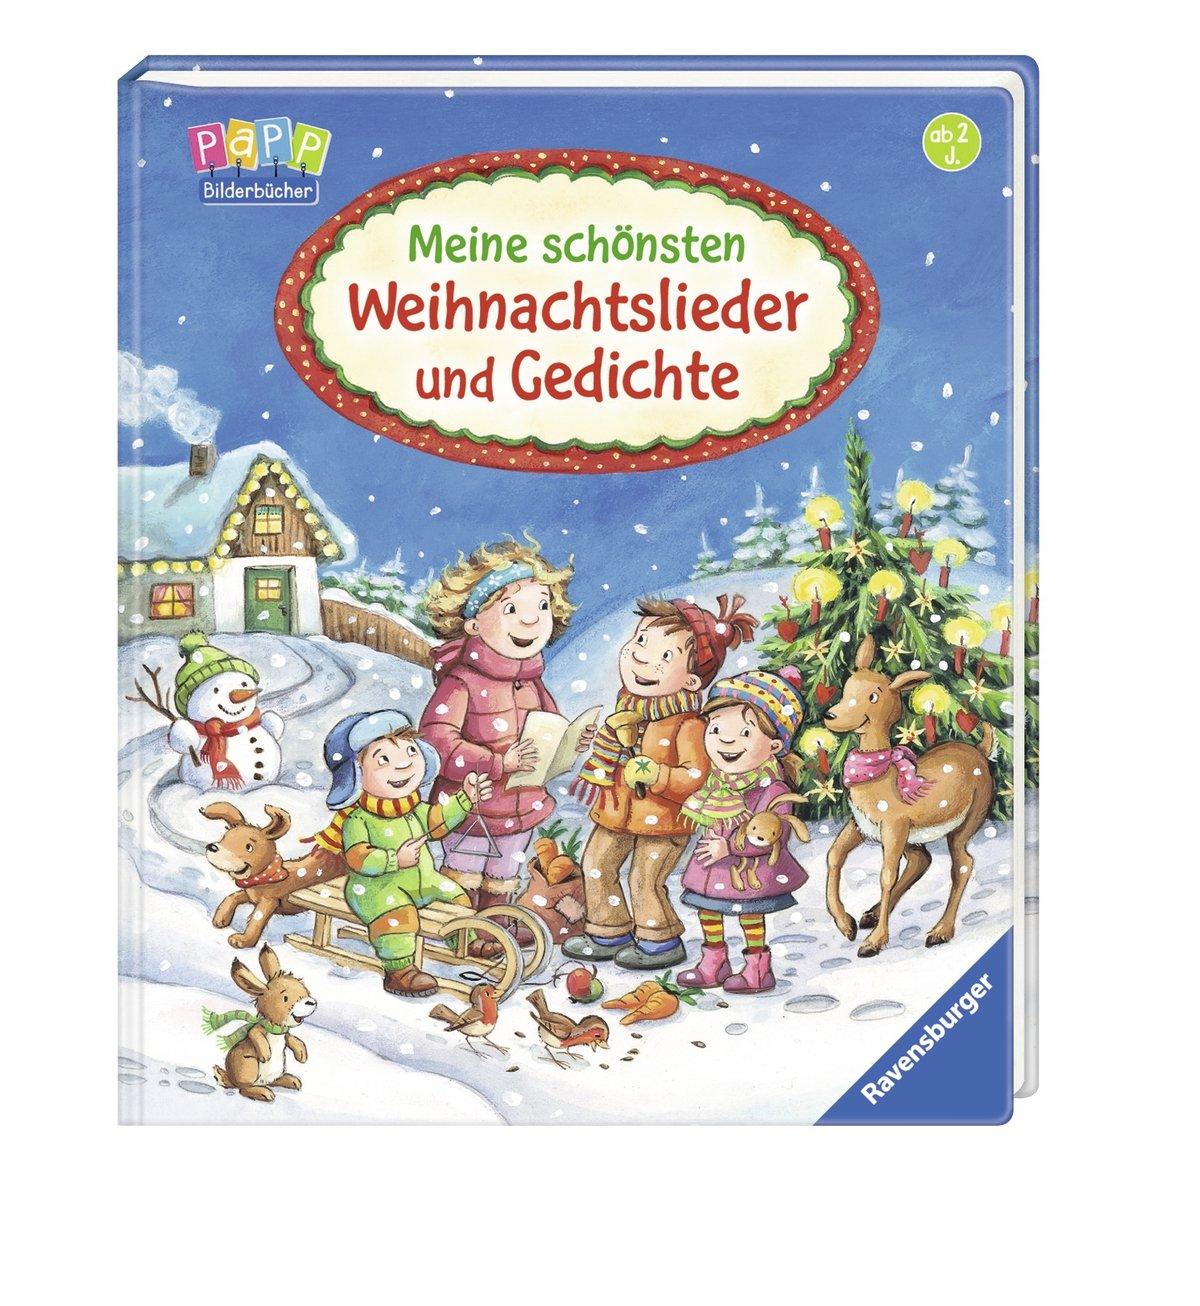 Meine schönsten Weihnachtslieder und Gedichte: Amazon.de: Volksgut ...